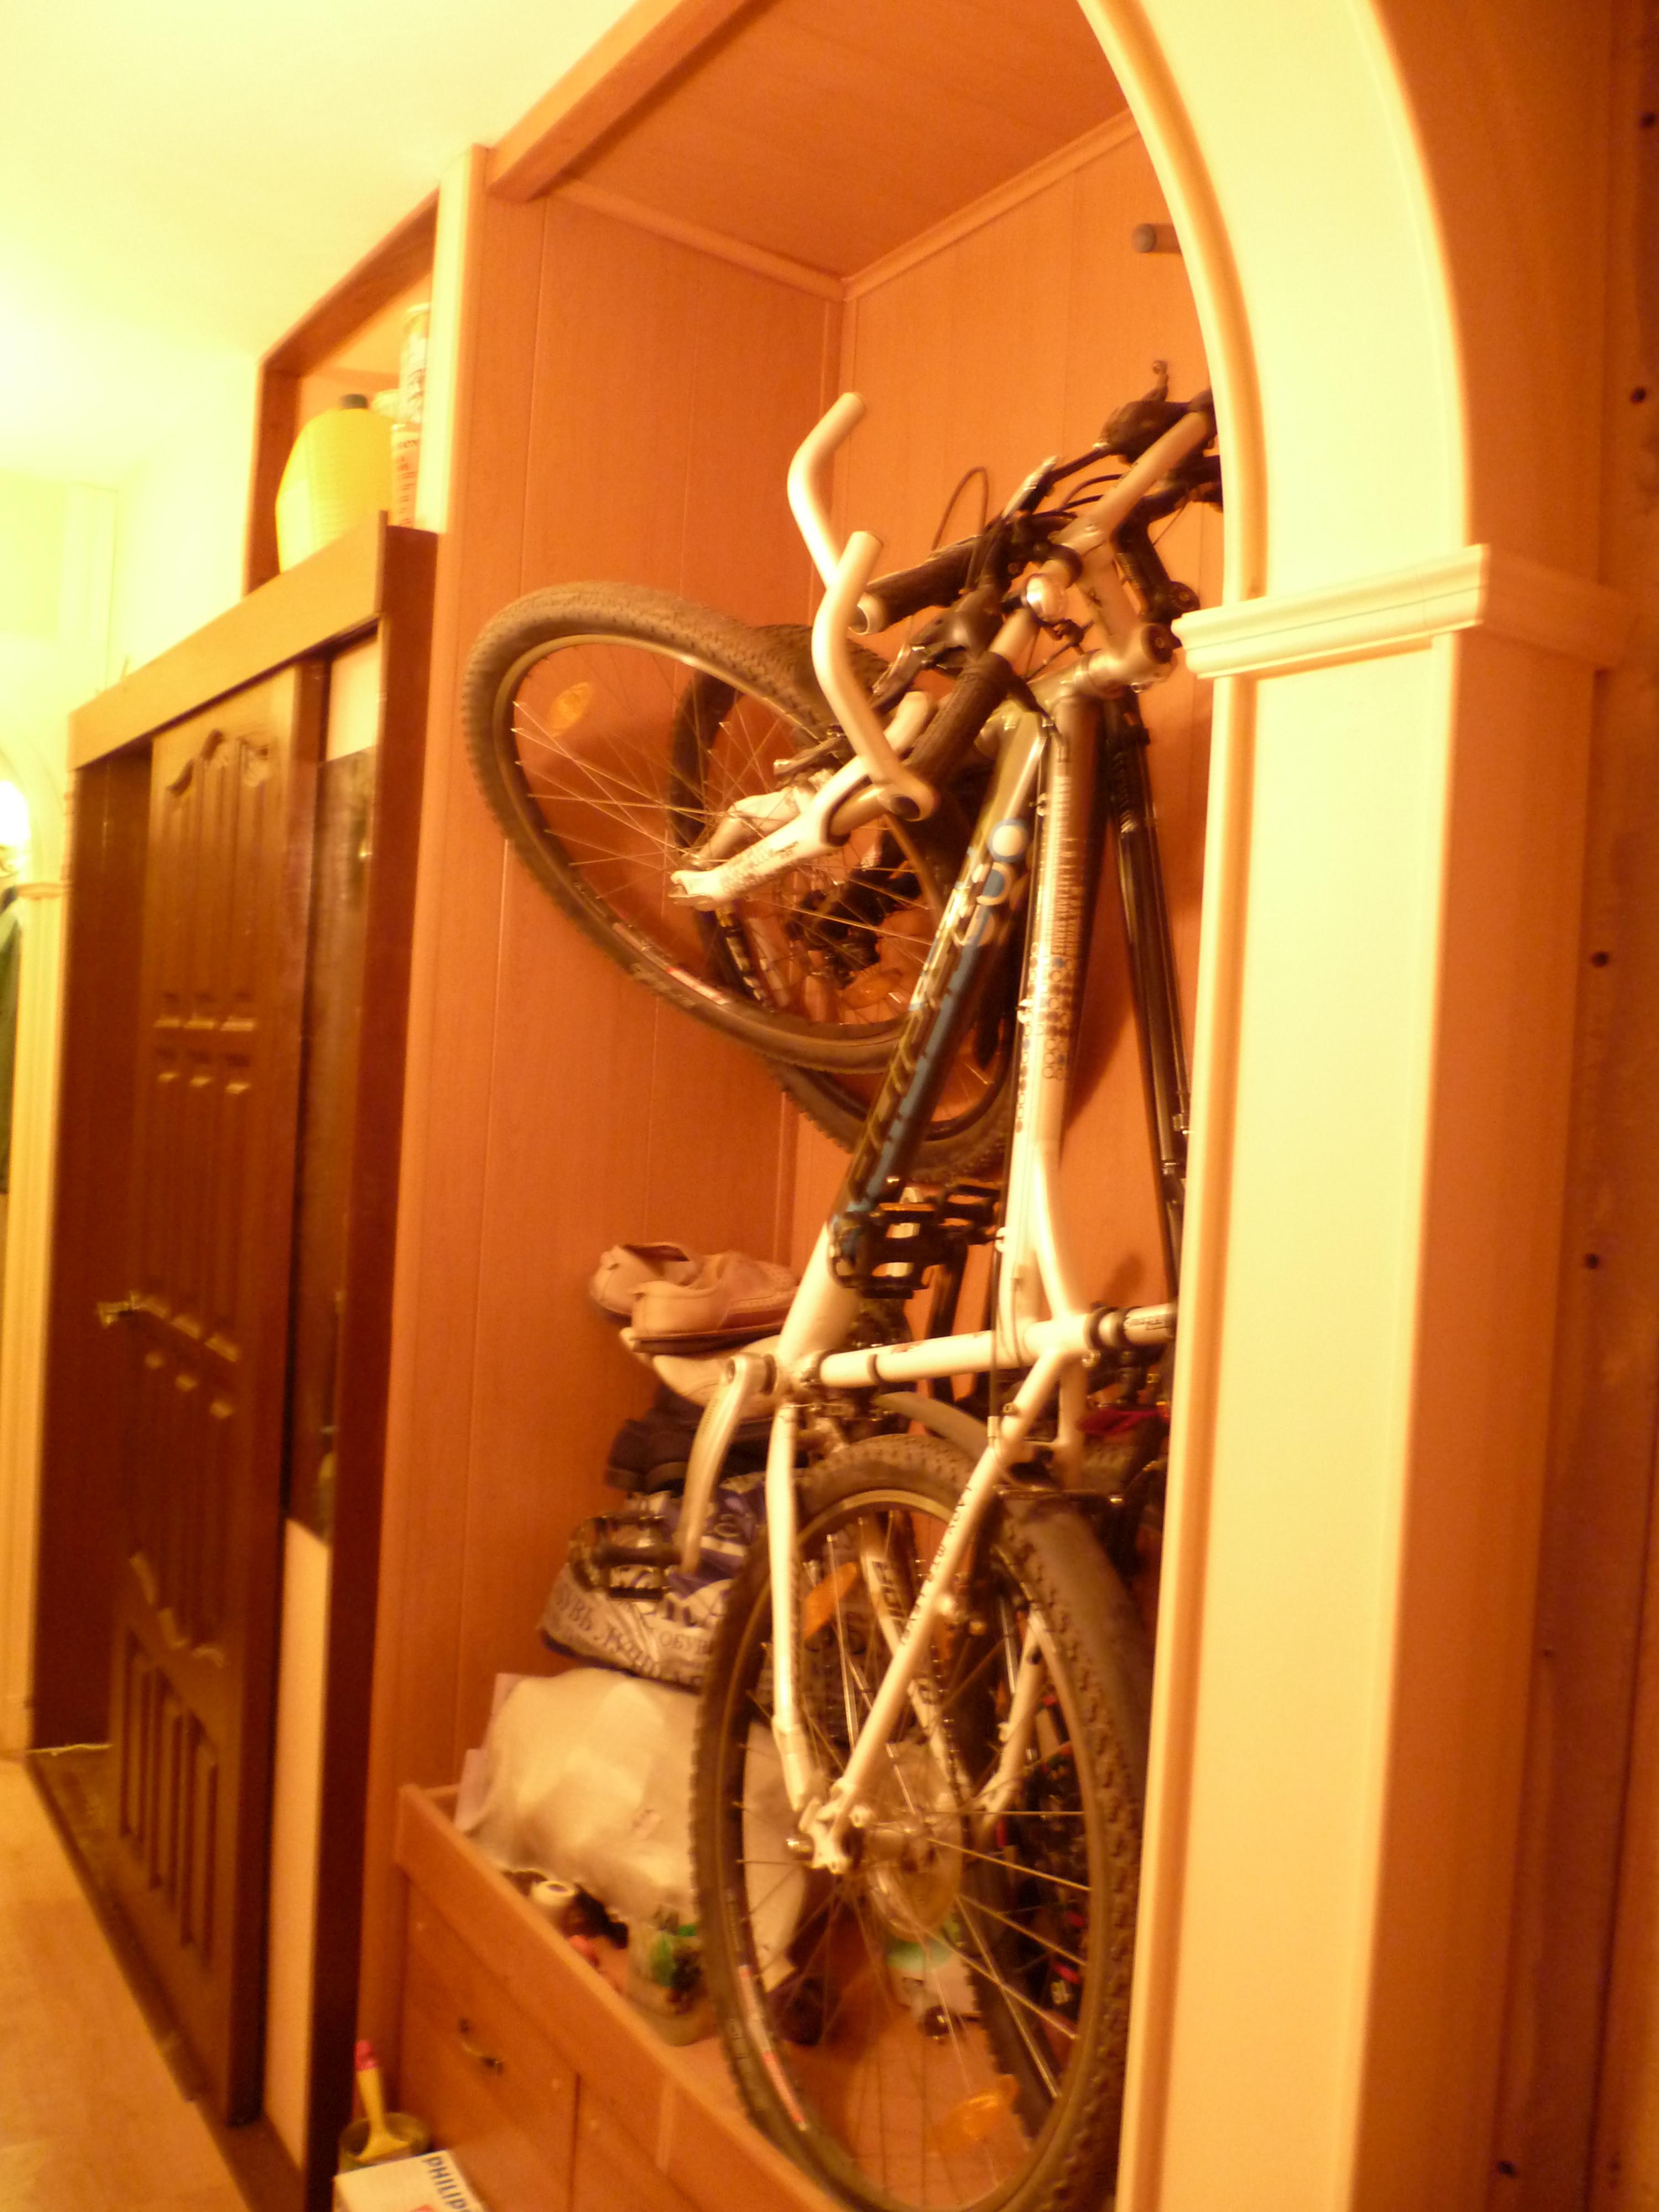 Форум roditeli.ua * просмотр темы - где в квартире хранить в.